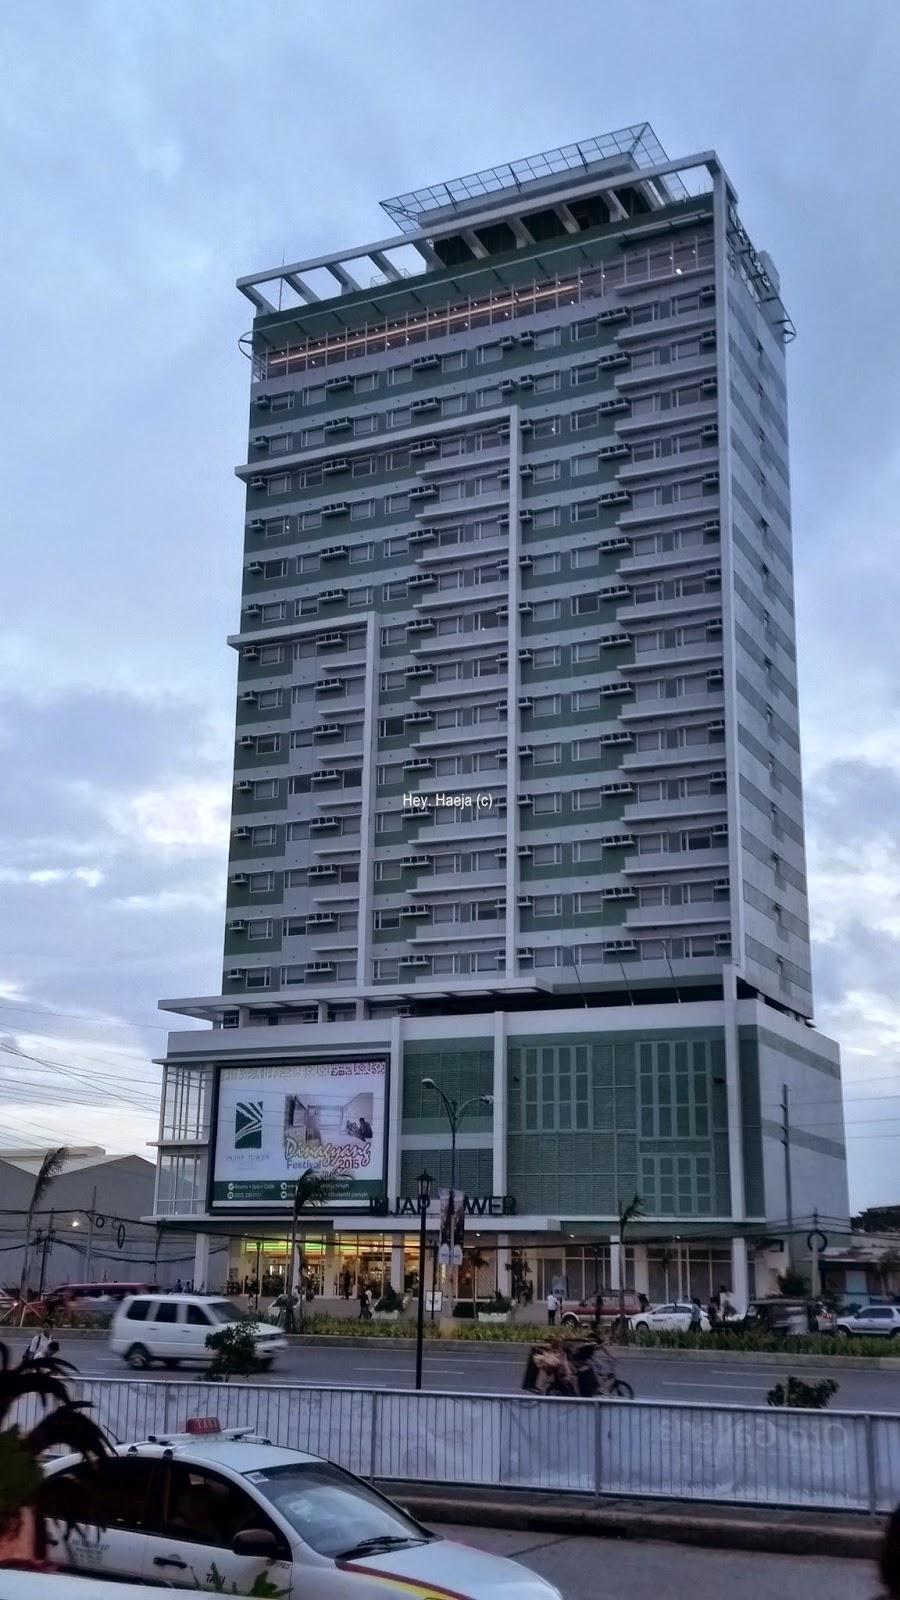 Injap Tower Hotel facade | (c) Hey Haeja